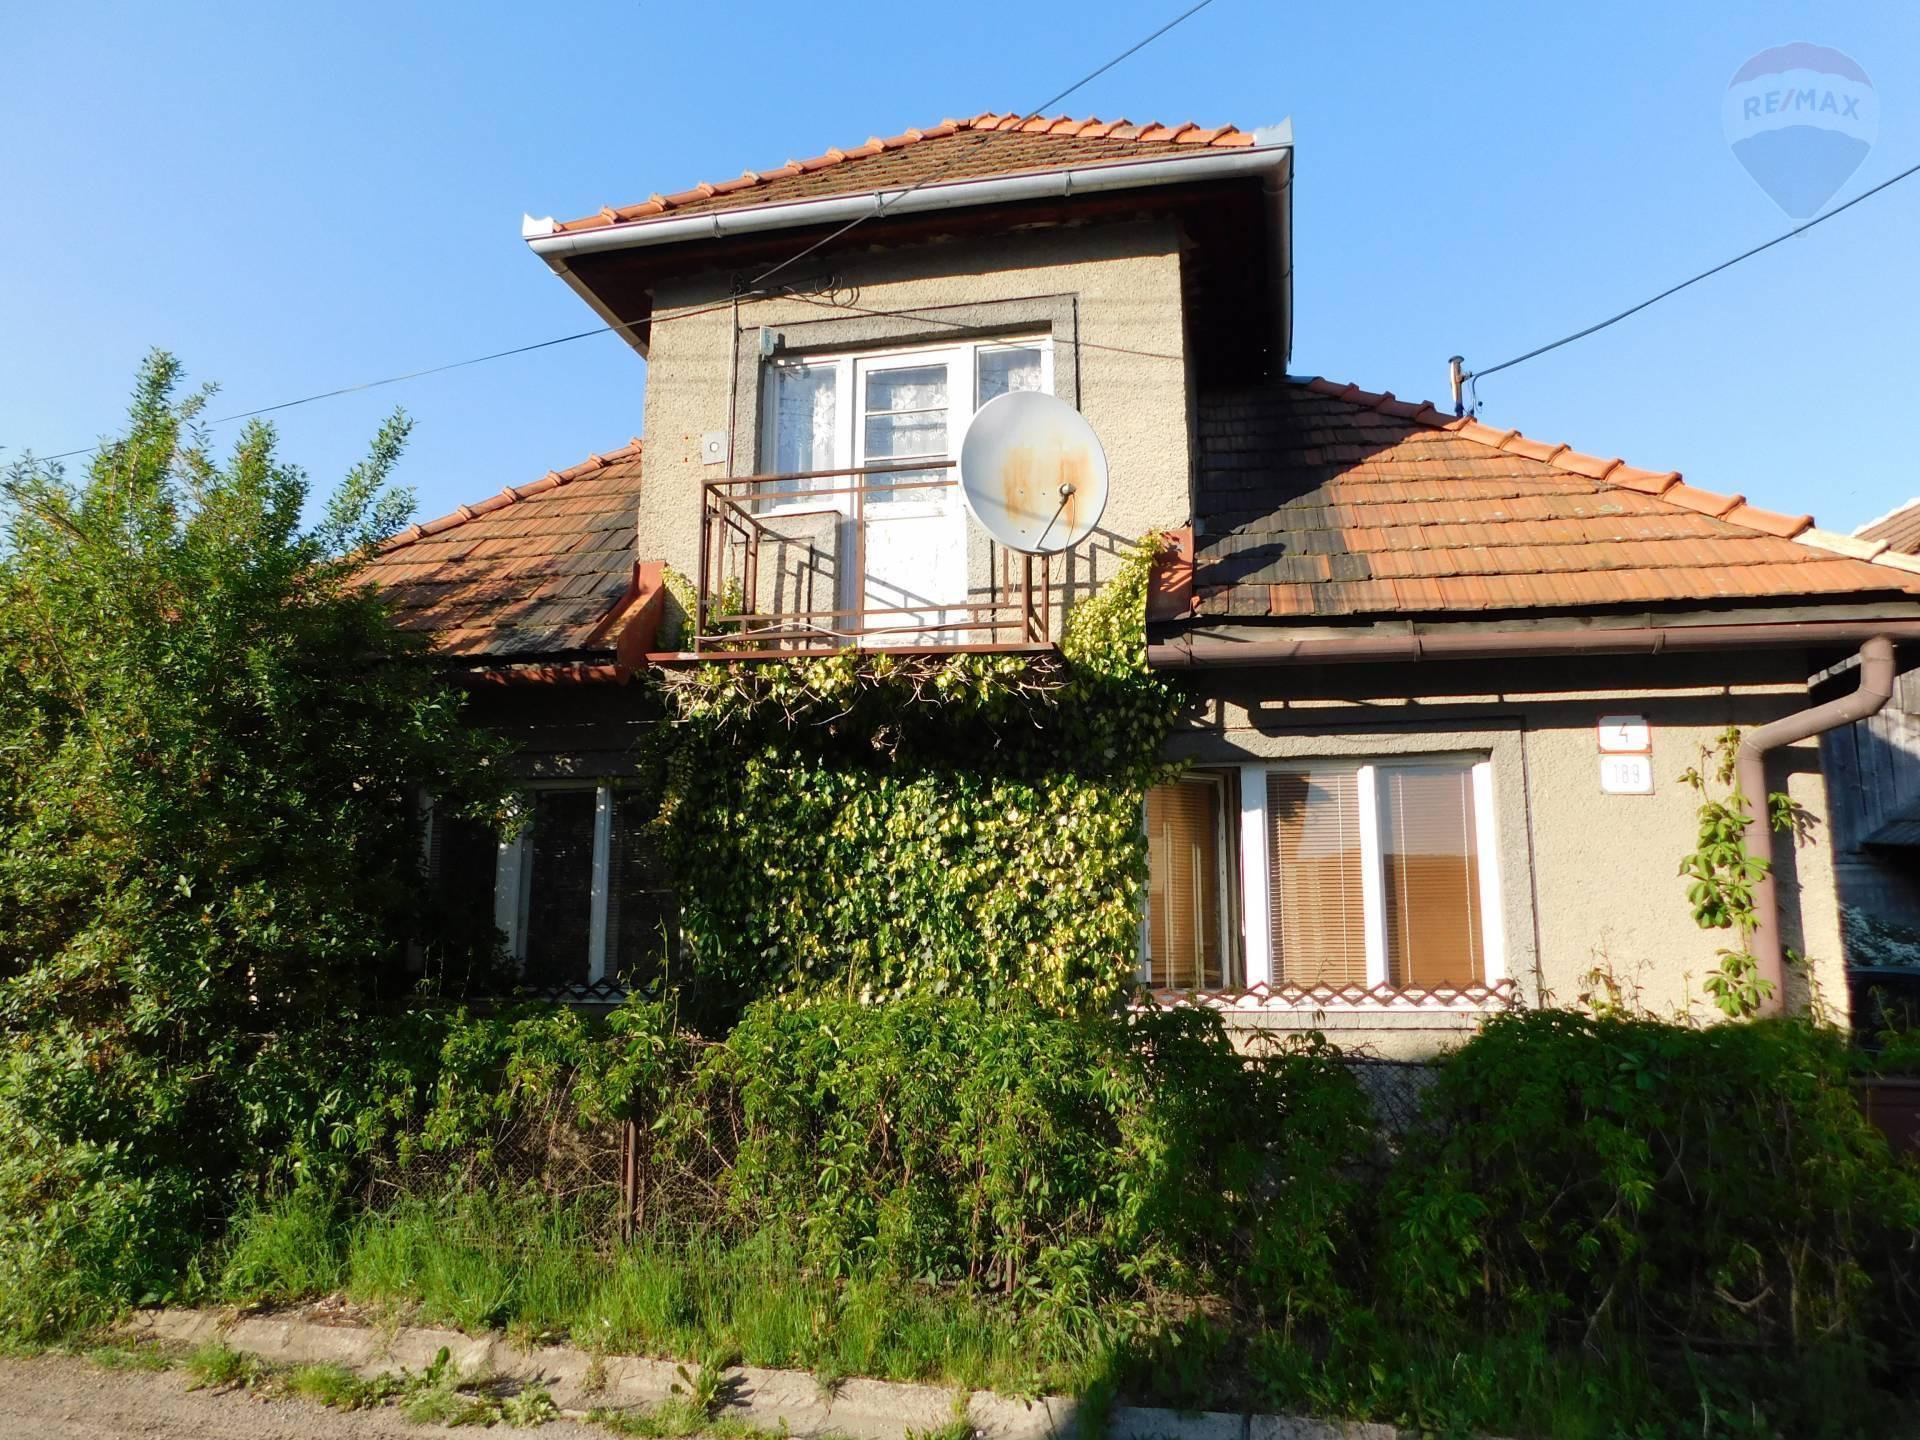 Predaj rodinného domu pri Banskej Bystrici - Medzibrod